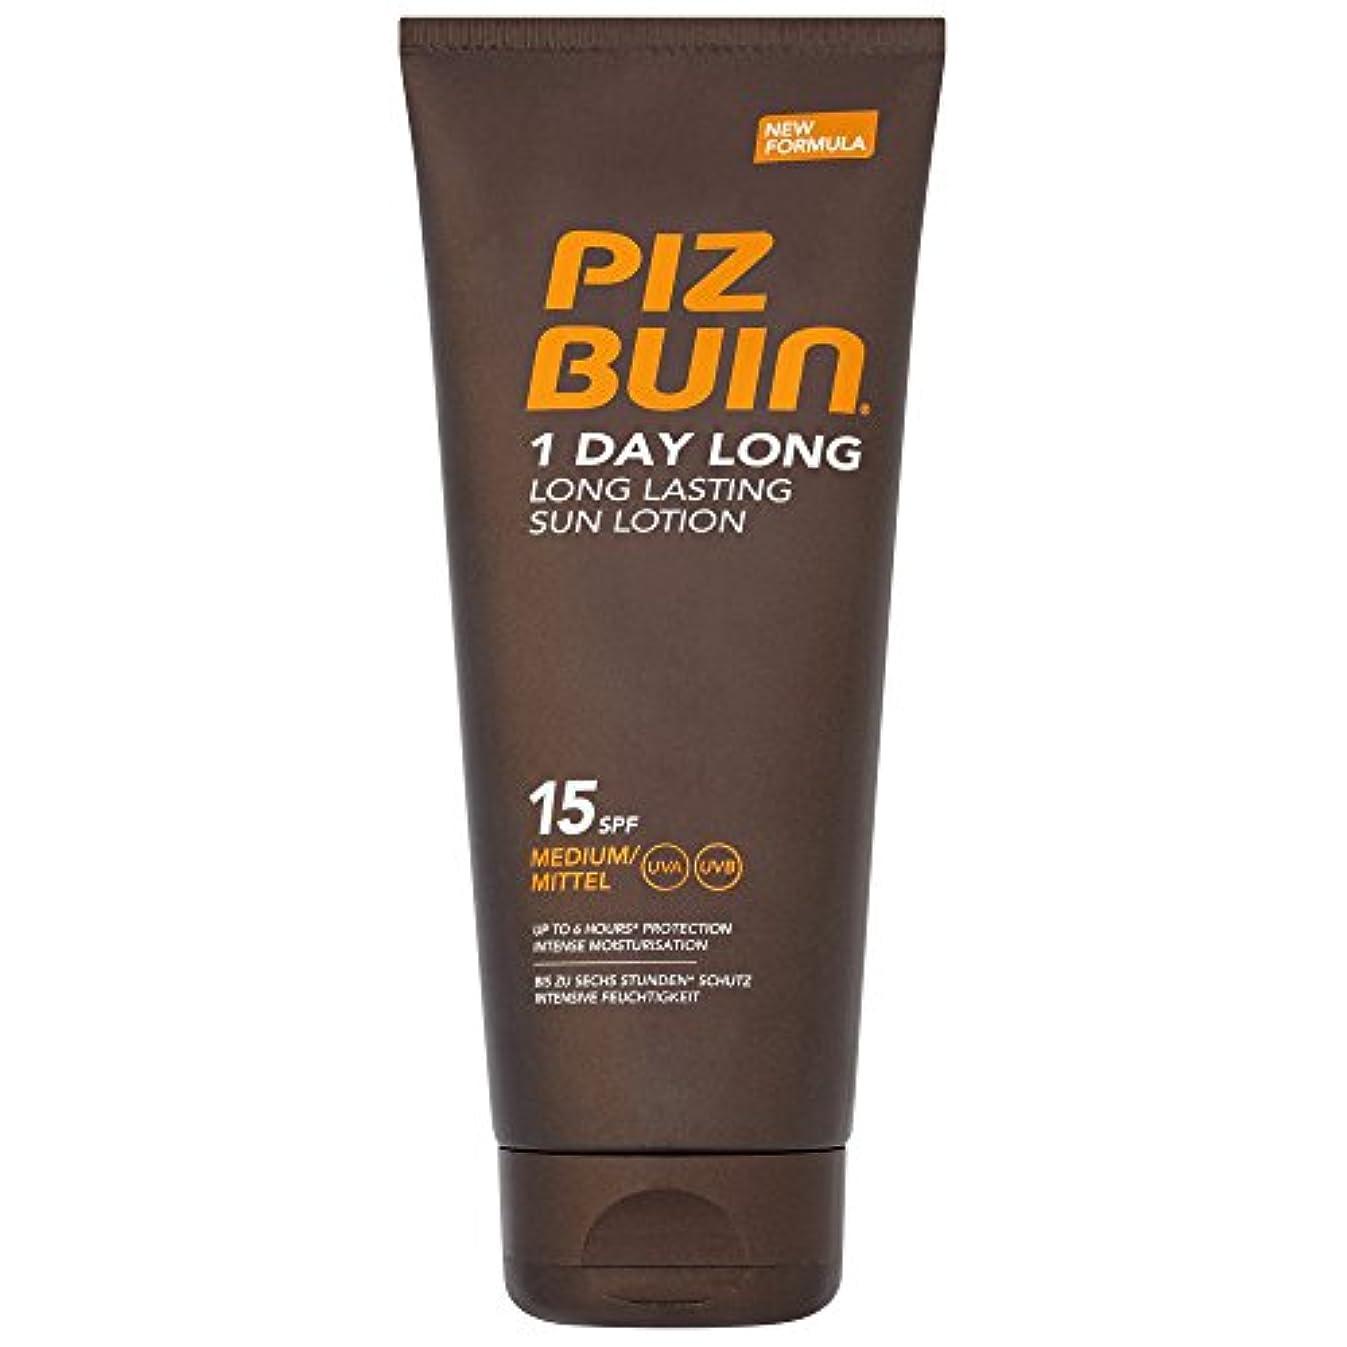 バクテリア説得力のある有利Piz Buin 1 Day Long SPF15 Sun Lotion 200ml - ピッツブーインの1日長い15の日焼けローション200 [並行輸入品]